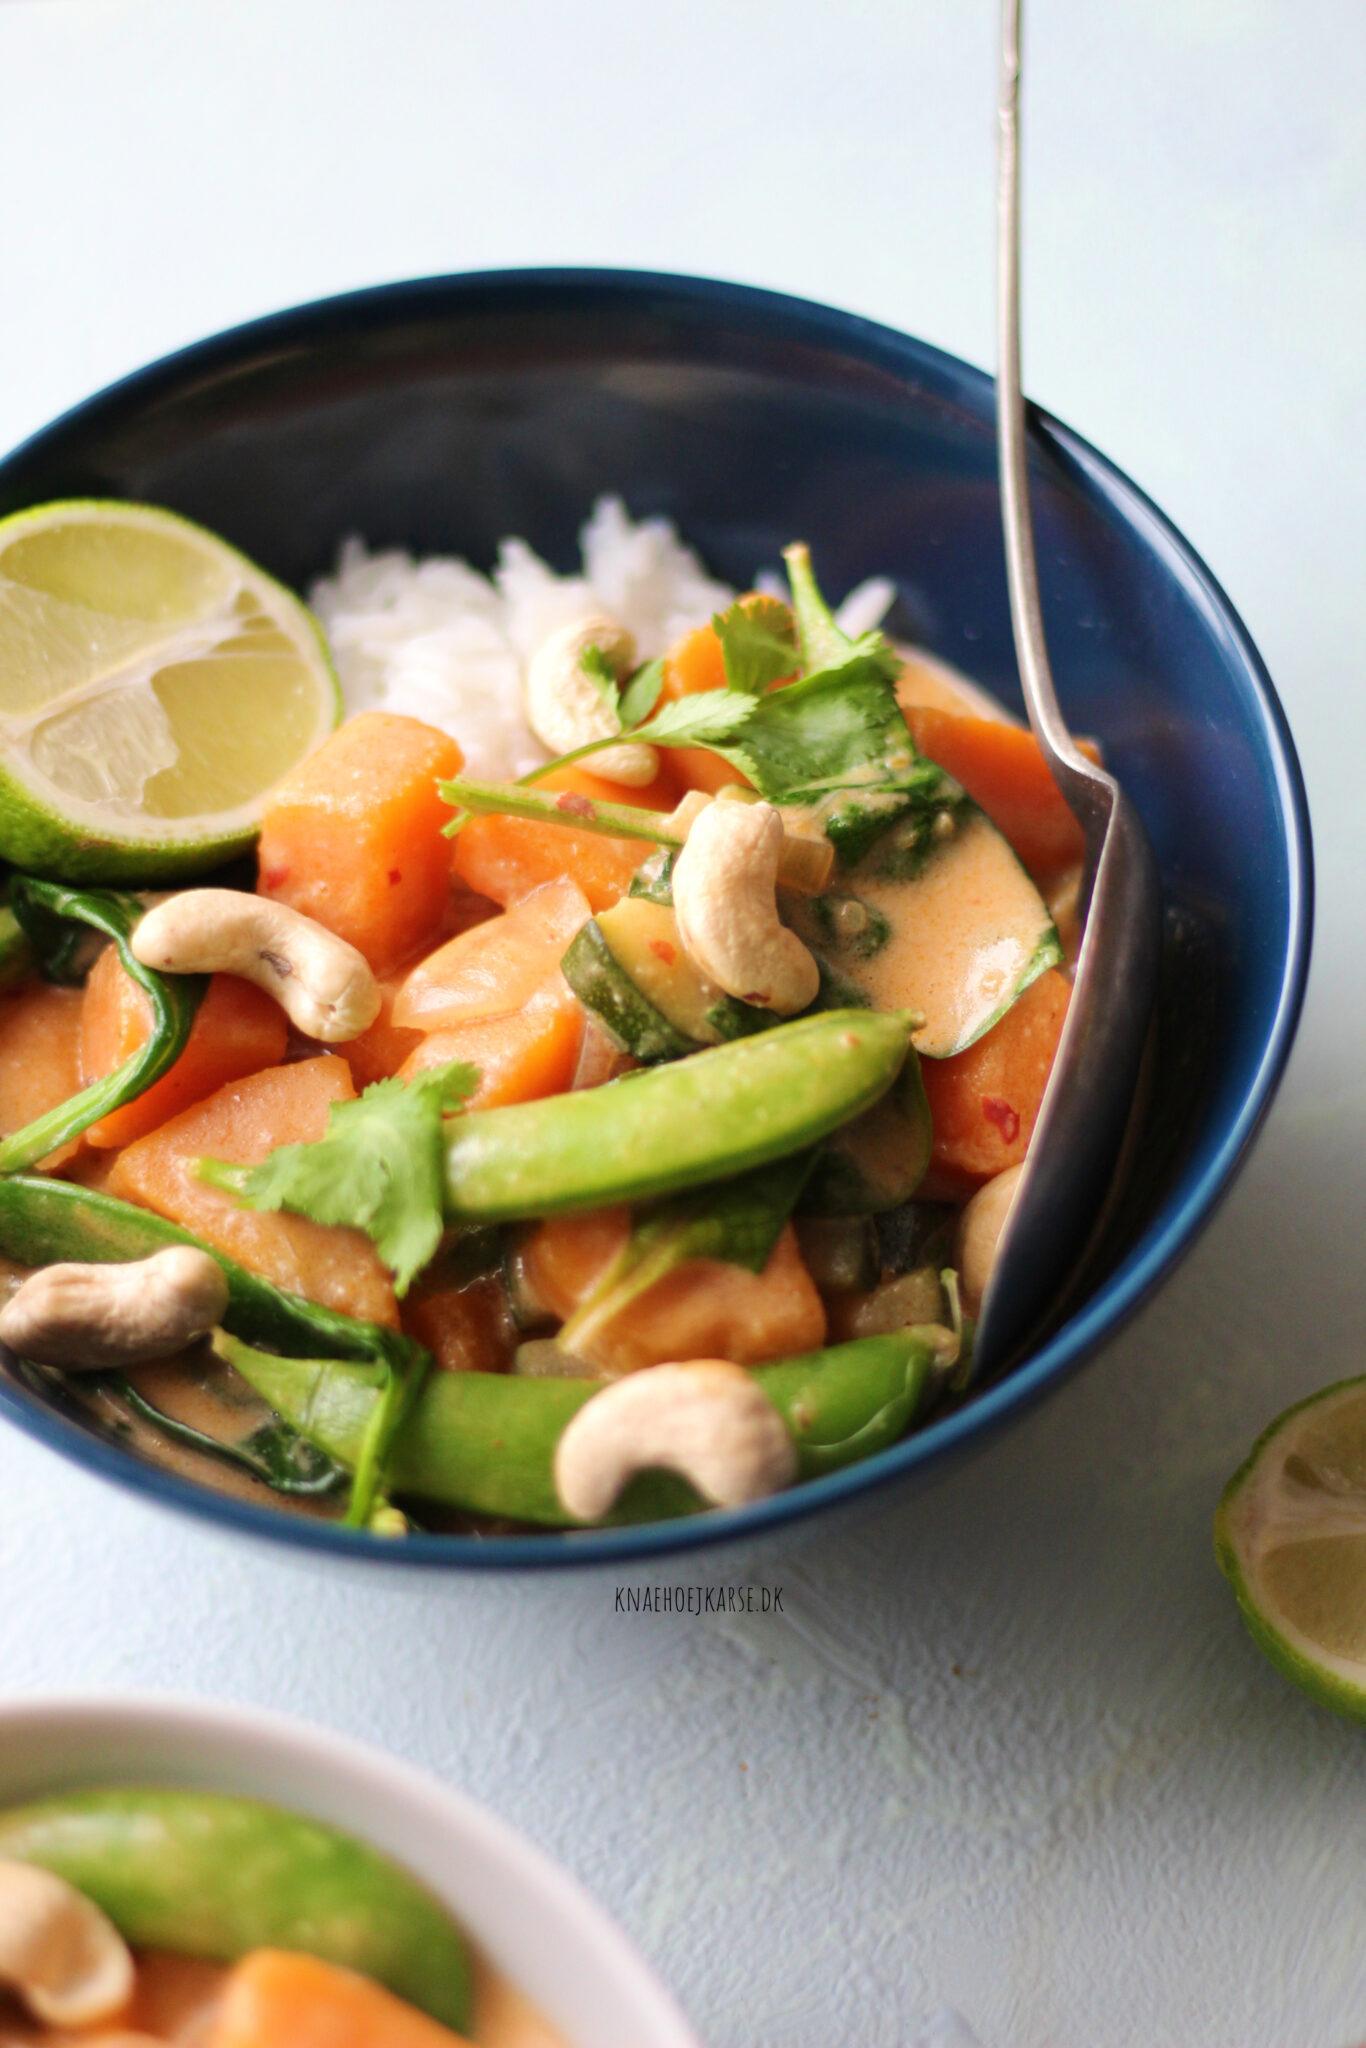 Rød thai curry med græskar og friske grøntsager